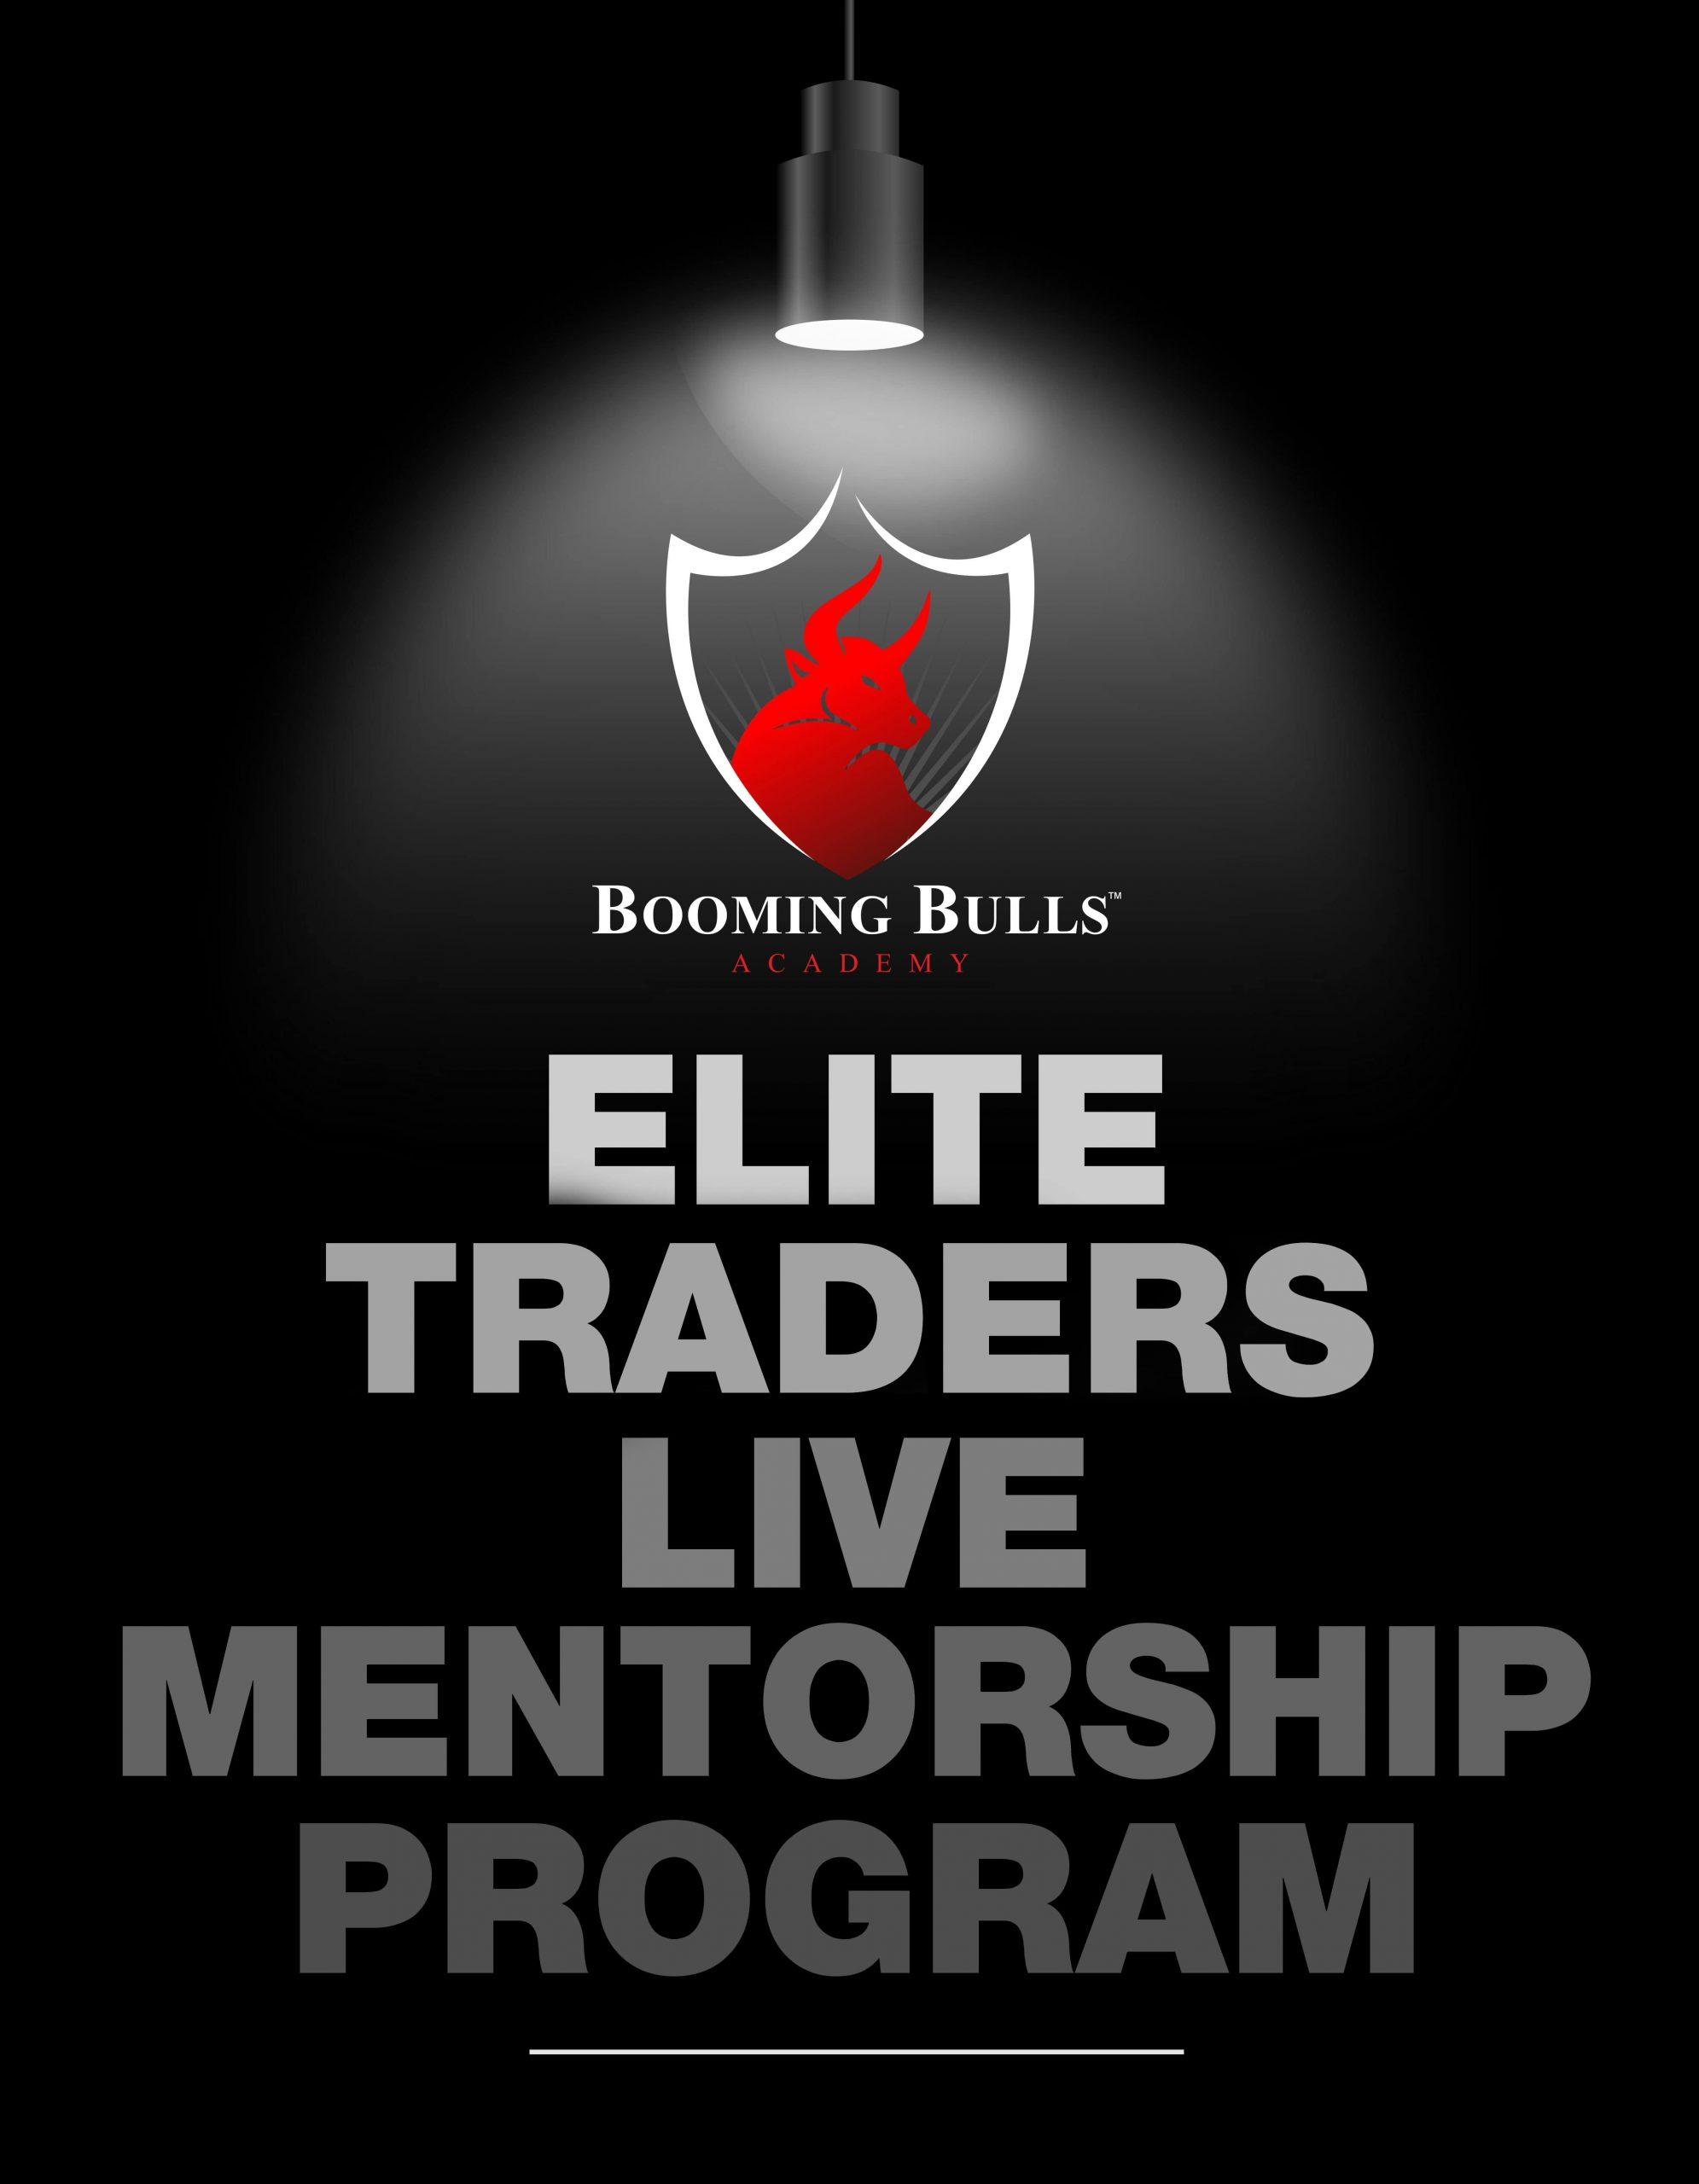 Elite Traders Live Mentorship Program